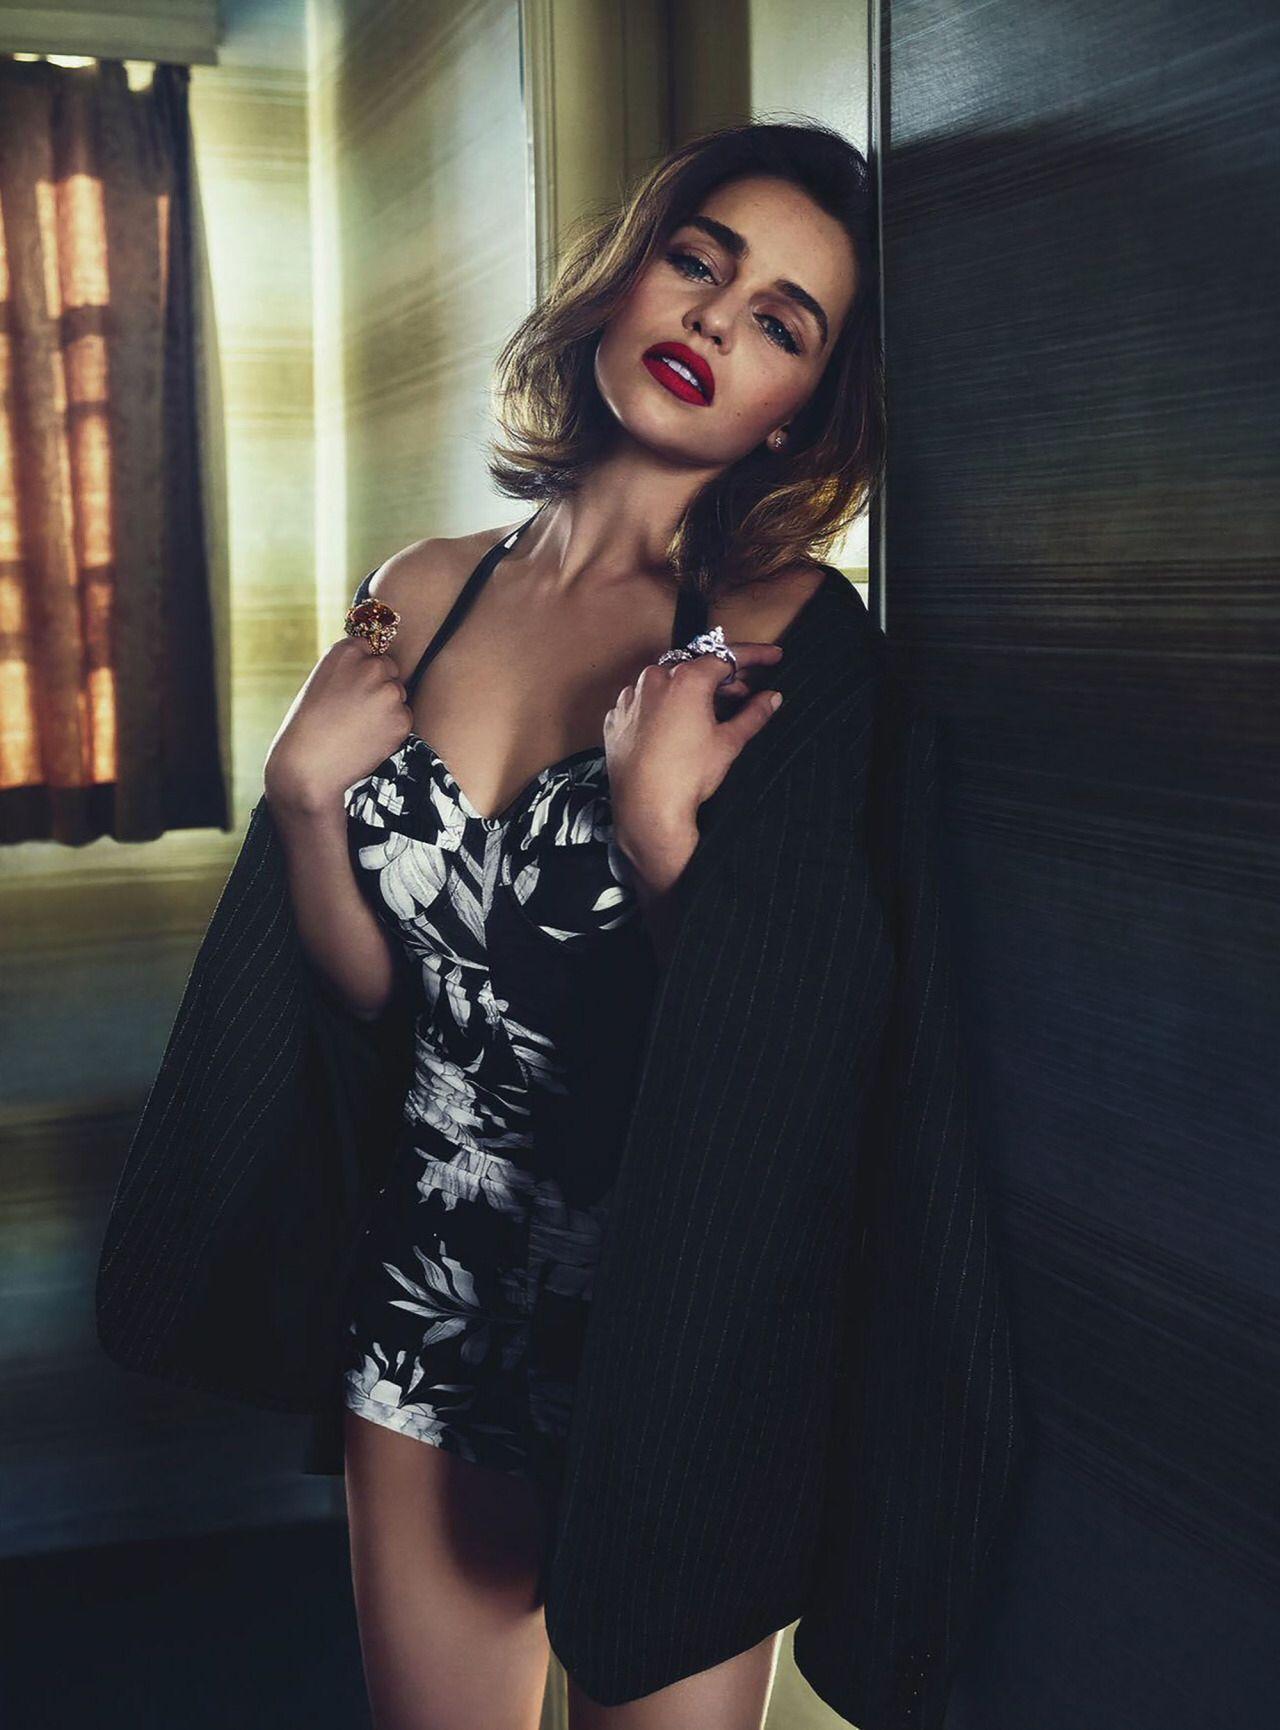 1000 images about emilia clarke on pinterest emilia - Emilia Clarke For Vogue Australia May 2016